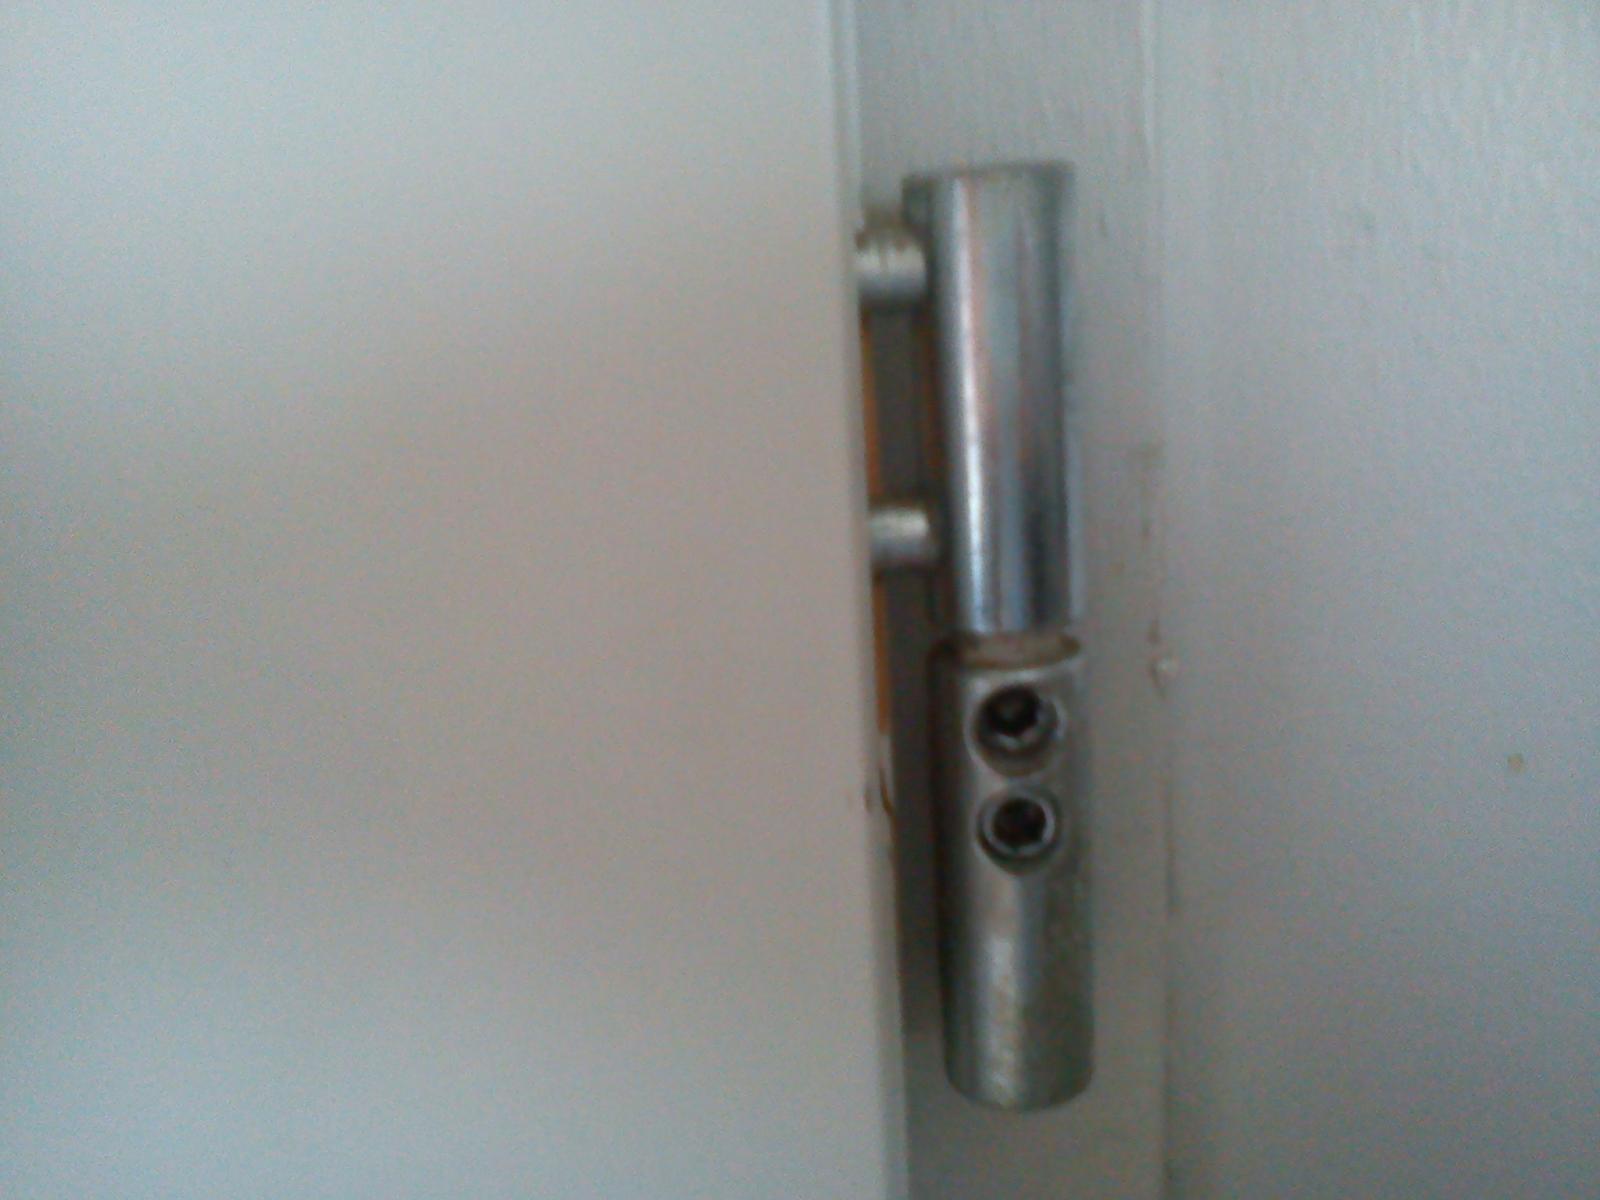 Reglage porte d 39 entr e for Demonter une poignee de porte d entree